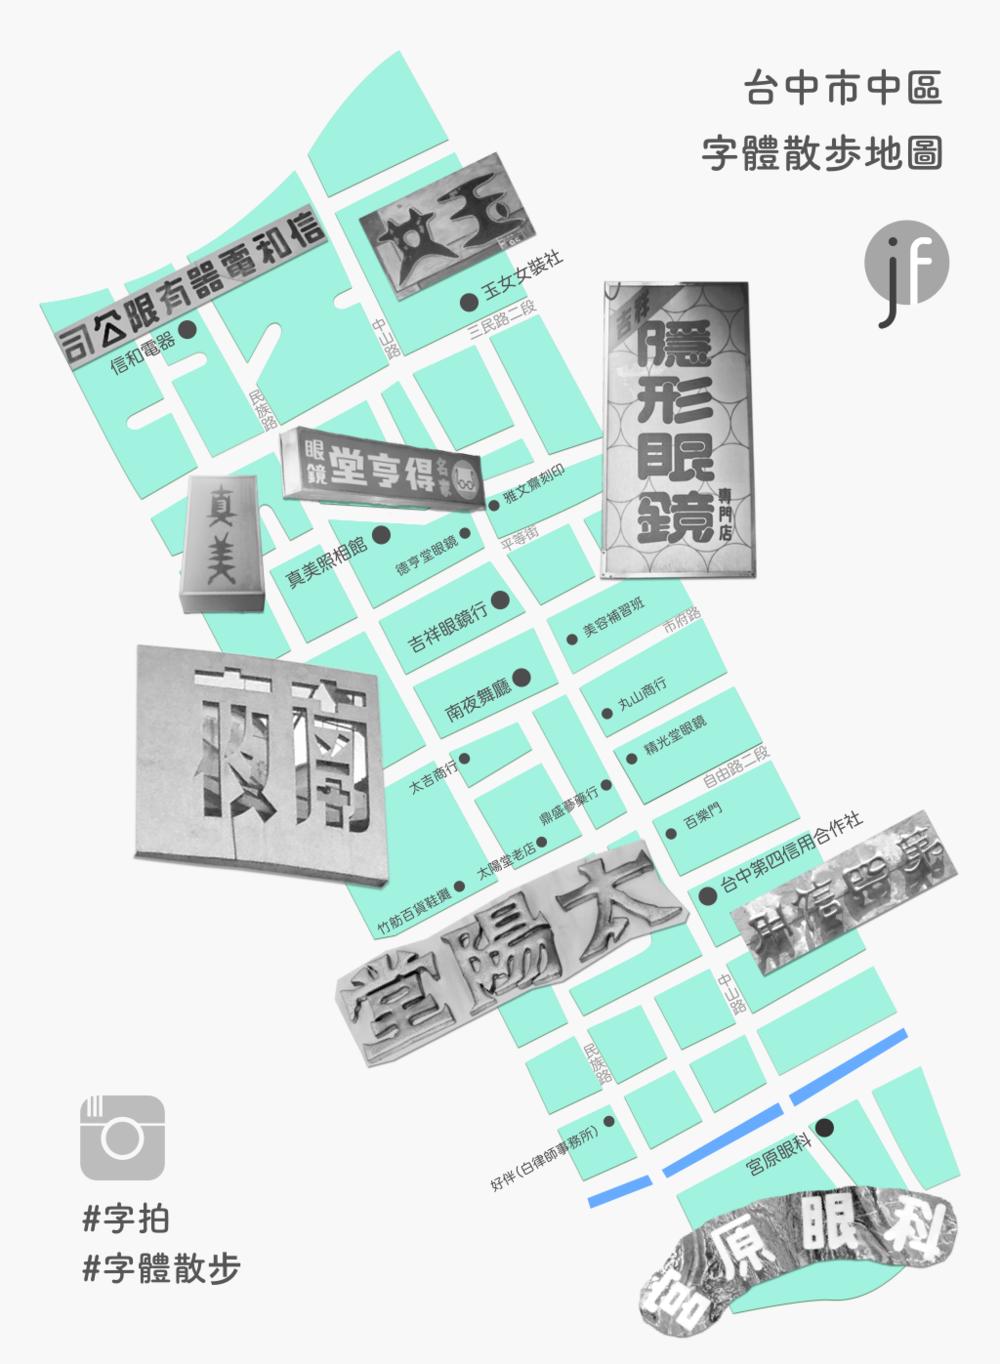 里面列出很多我们觉得有意思的景点,欢迎利用这个 Map  查询详细地址